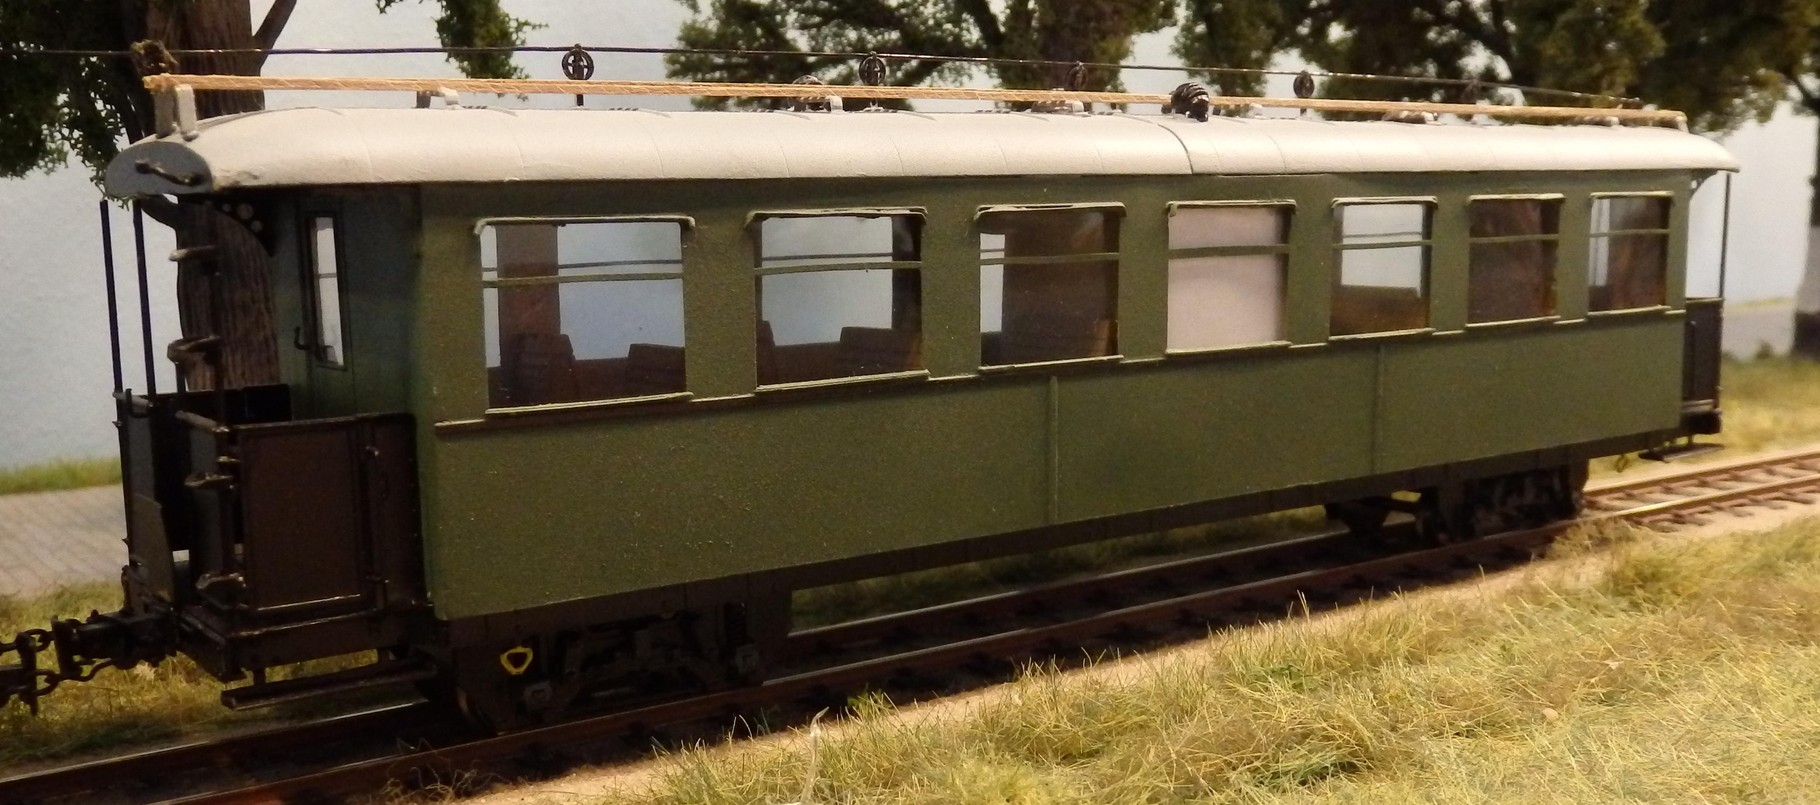 C4i, RüKB48, Wismar